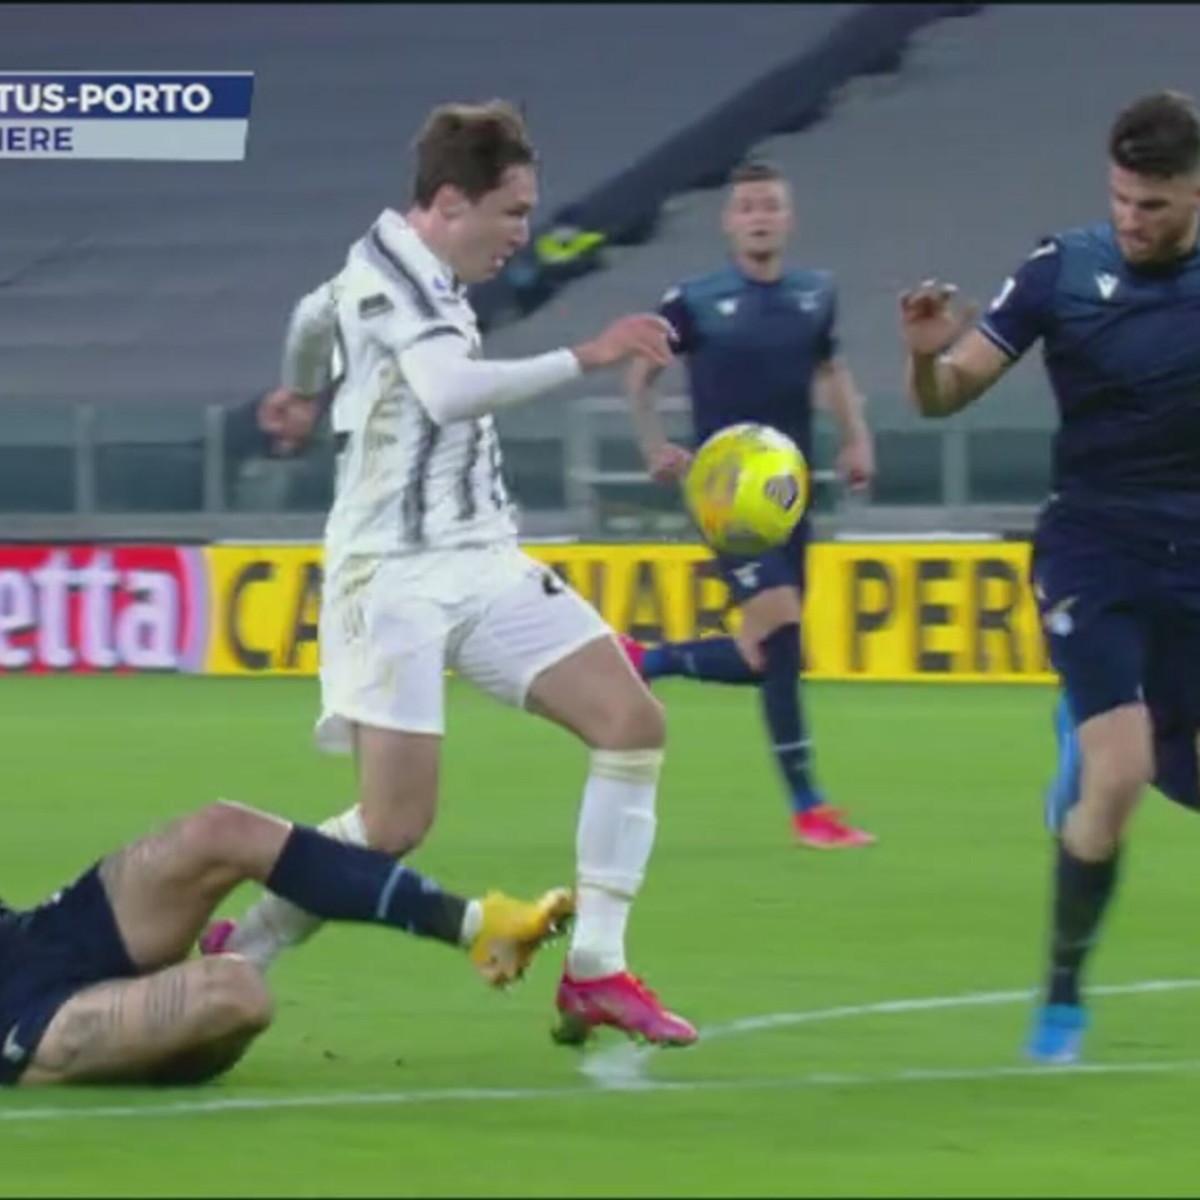 Martedì Juventus-Porto